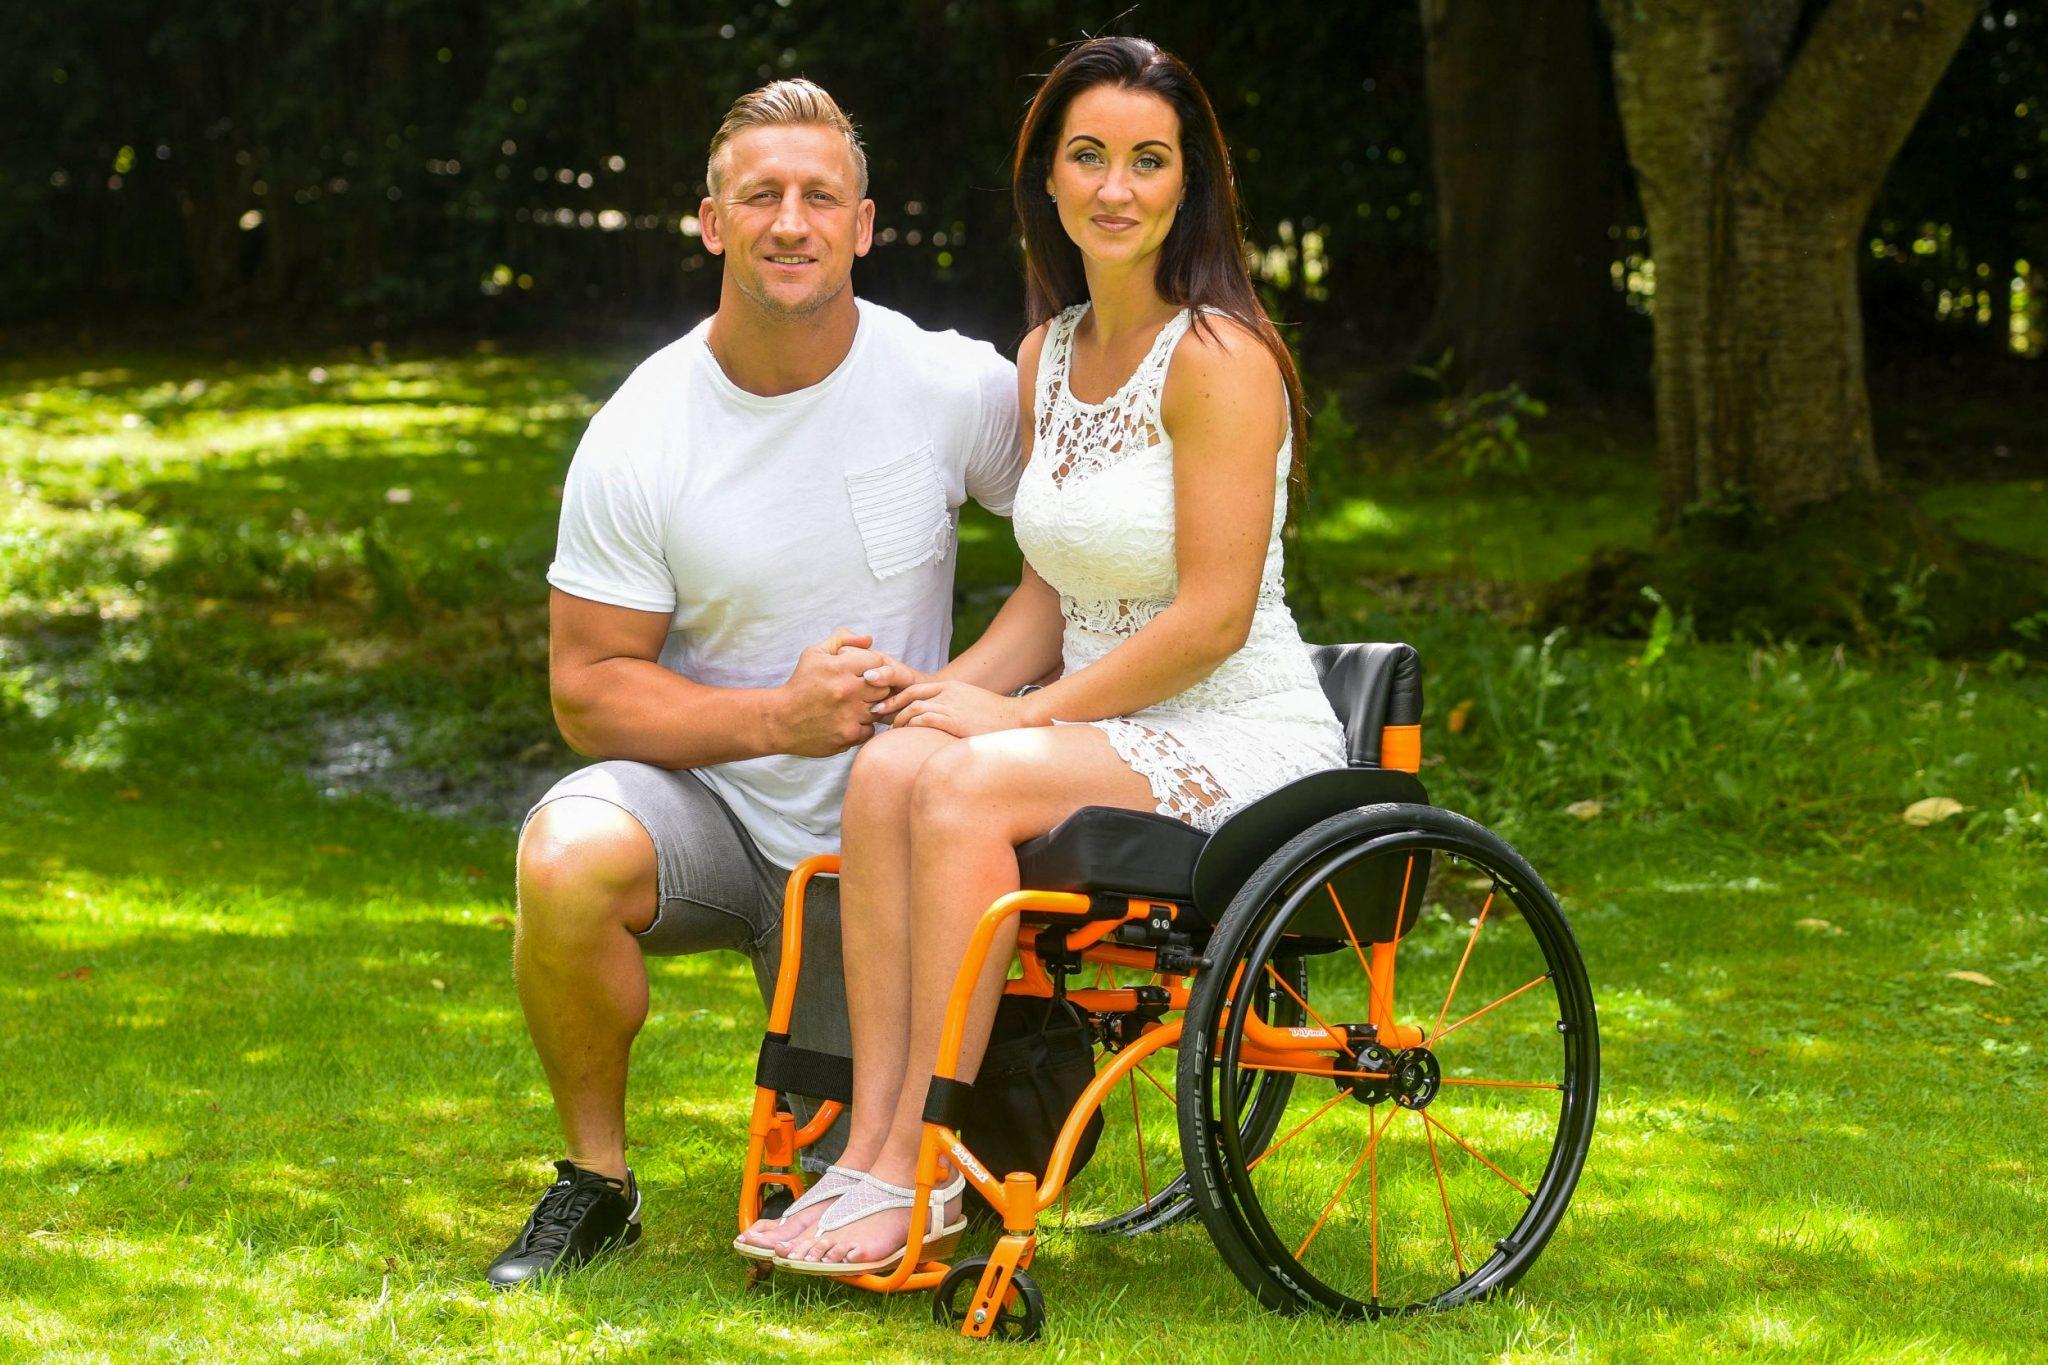 Povestea emoţionantă a femeii părăsite de soţ după ce a ajuns în scaunul cu rotile